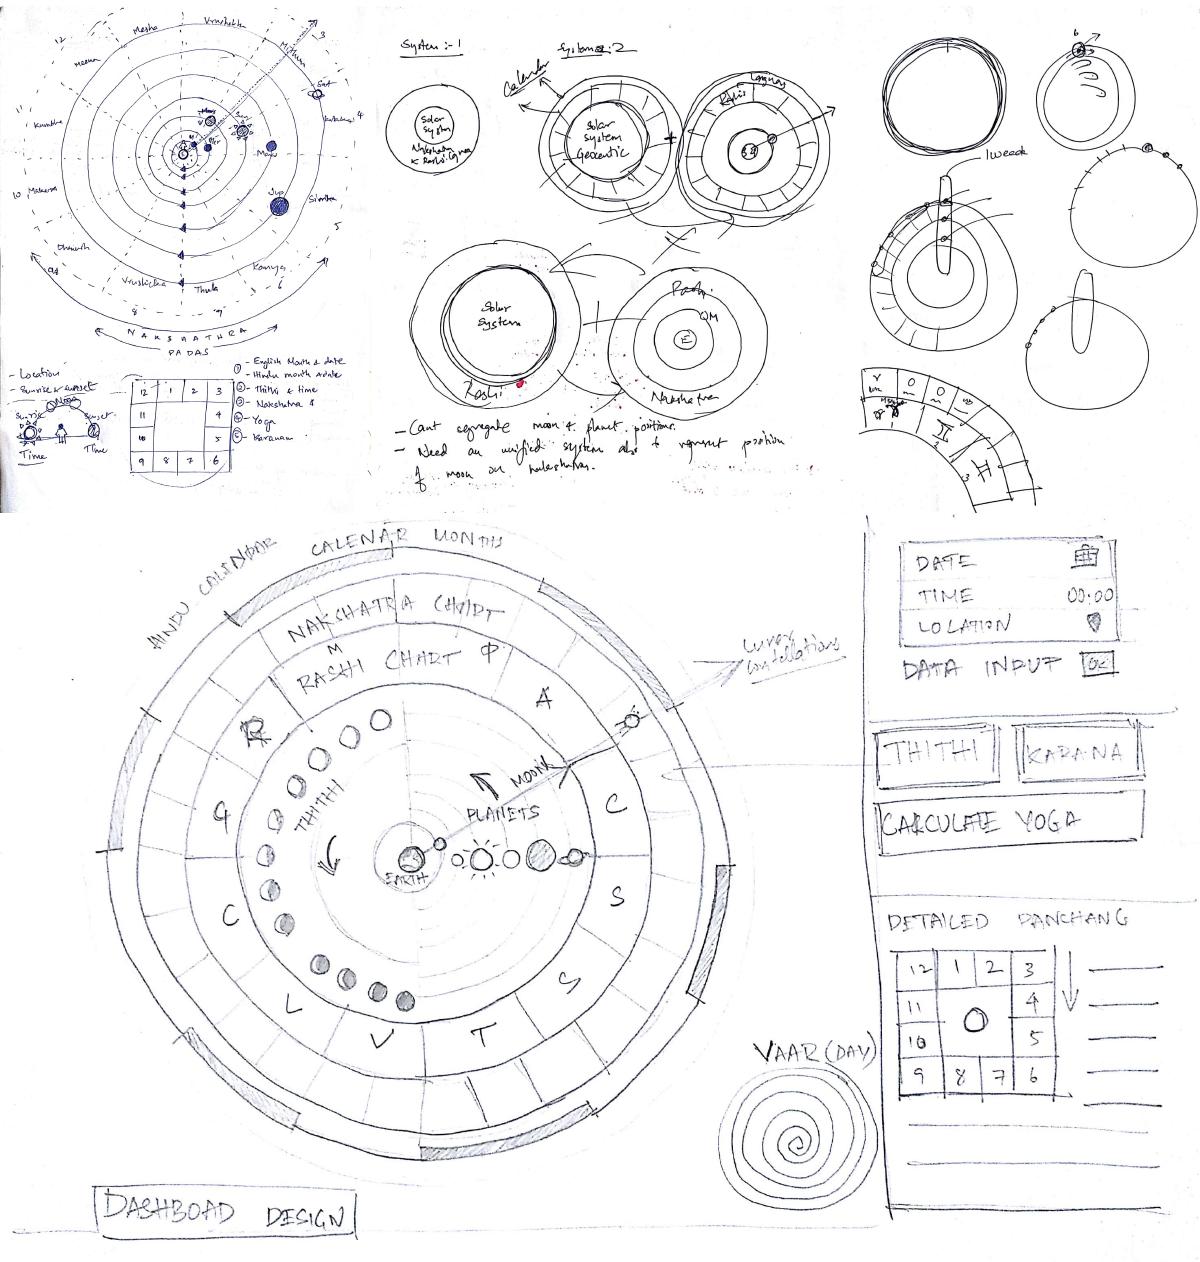 Rajesh Portfolio - Visualising Panchang from Vedic Astrology